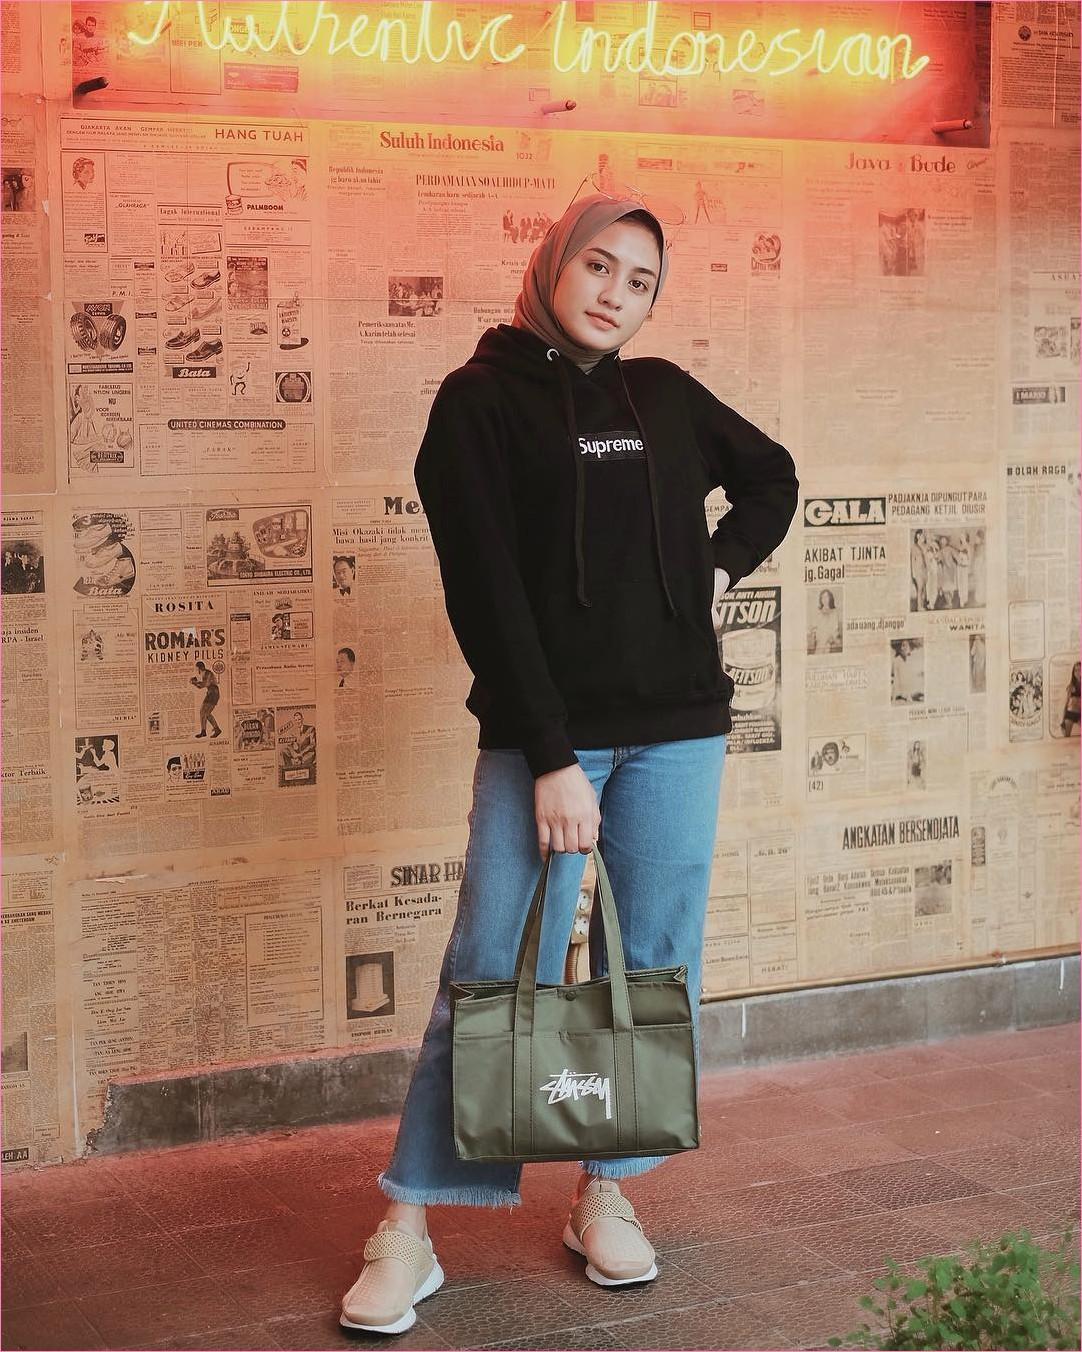 Outfit Baju Hijab Casual Untuk Kuliah Ala Selebgram 2018 jaket hoodie hitam pashmina coklat muda supreme jeans pallazo cullotes denim handbags tote bags hijau tu lumut sneakers kets baby pink gaya casual kain sutra katun 2018 ootd outfit selebgram tembok koran putih lampu tumblr daun